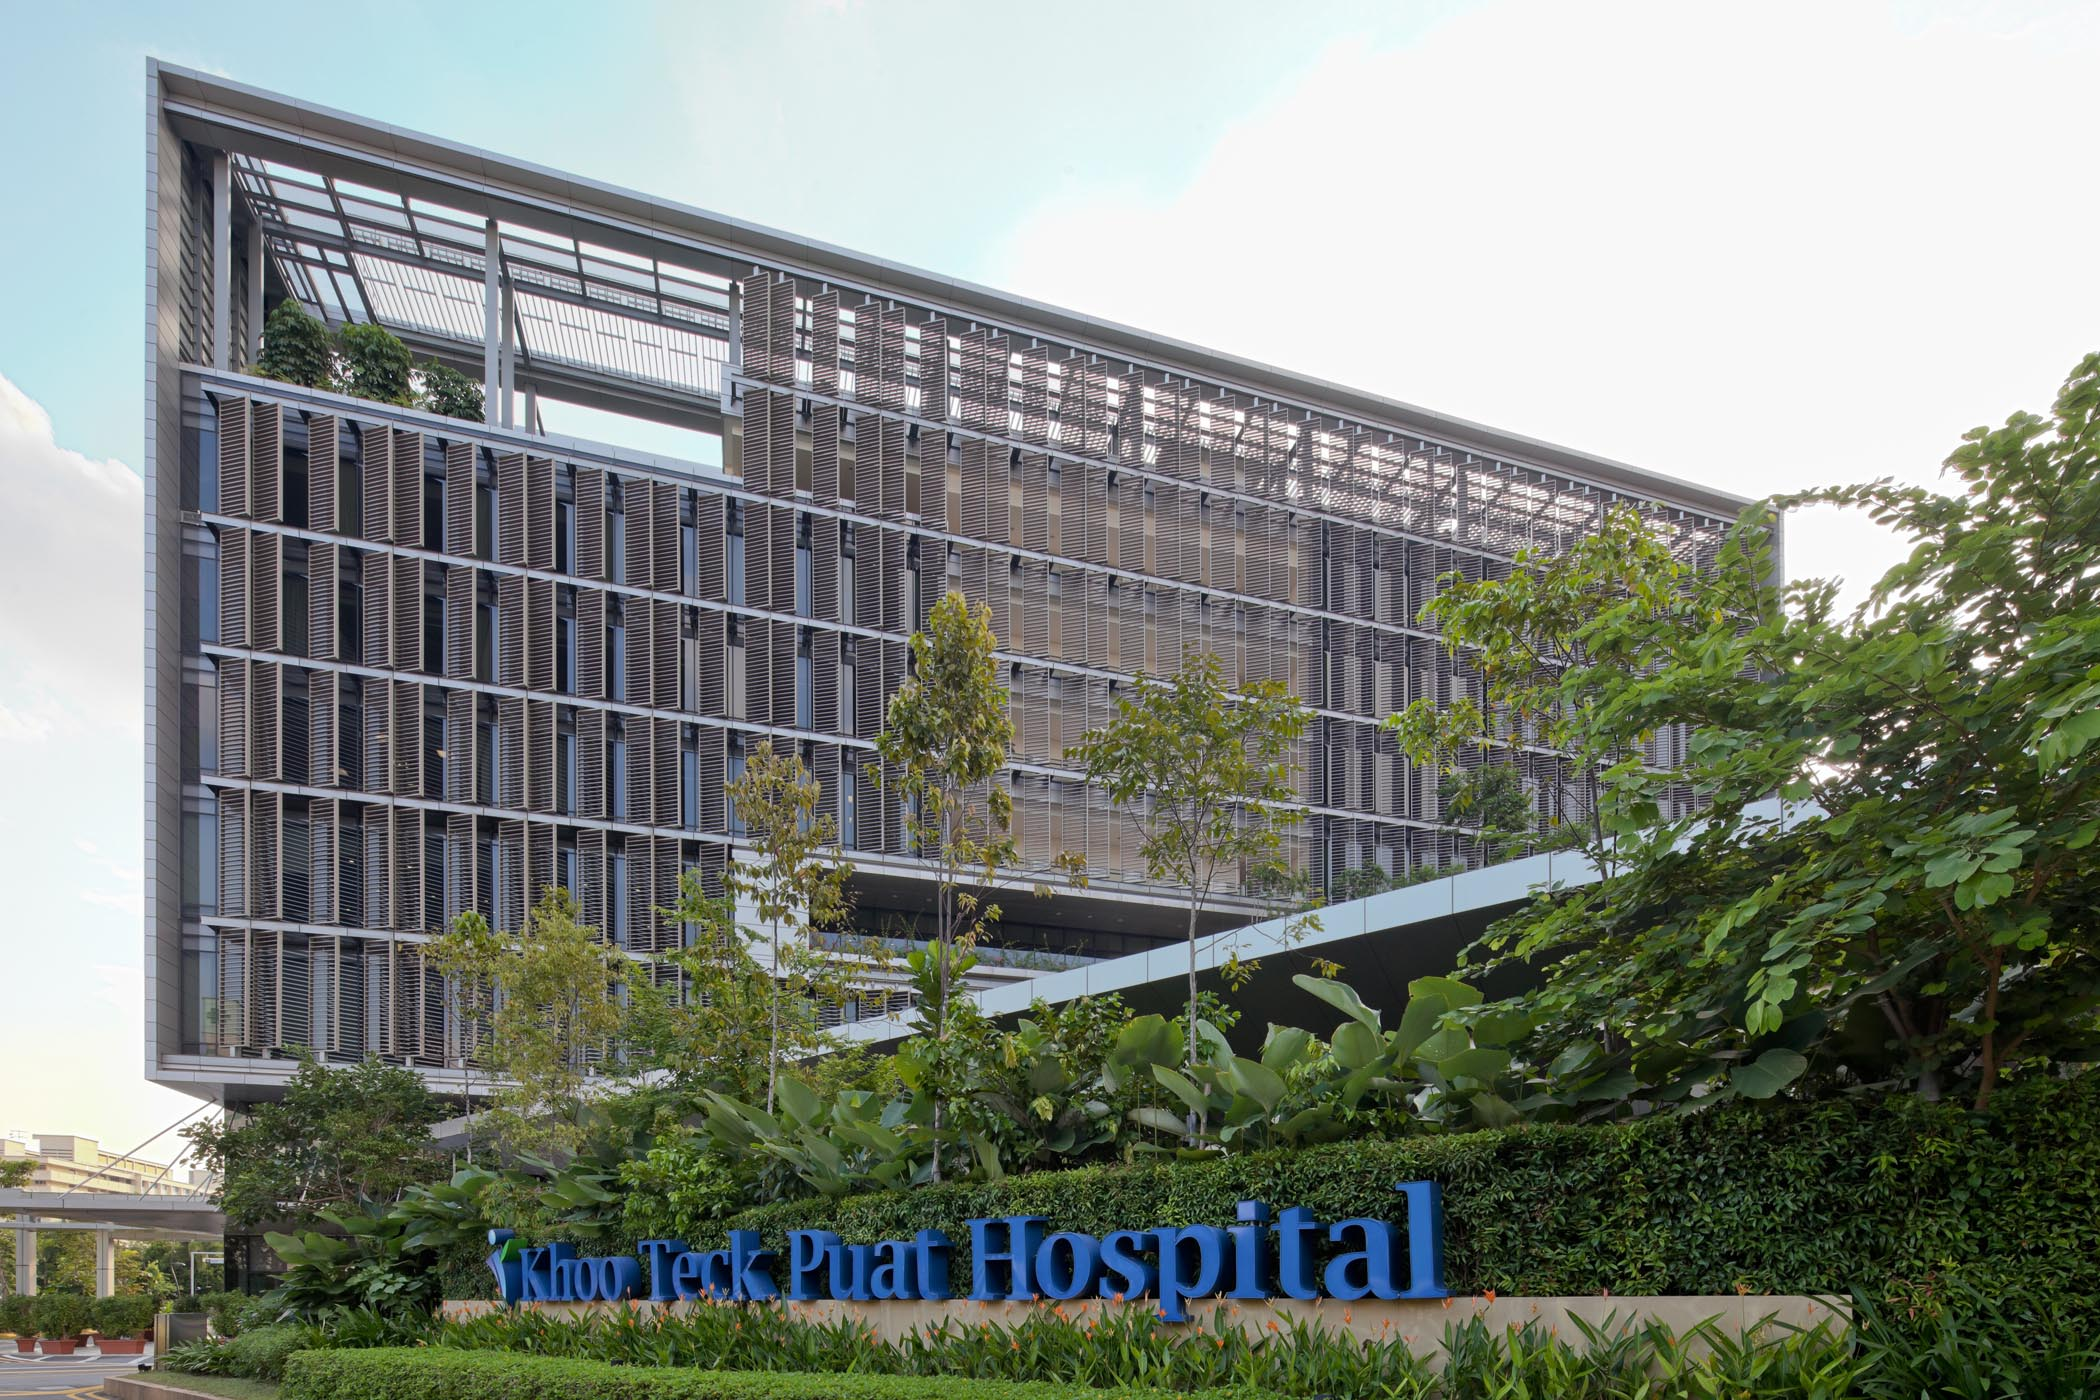 Image result for khoo teck puat hospital